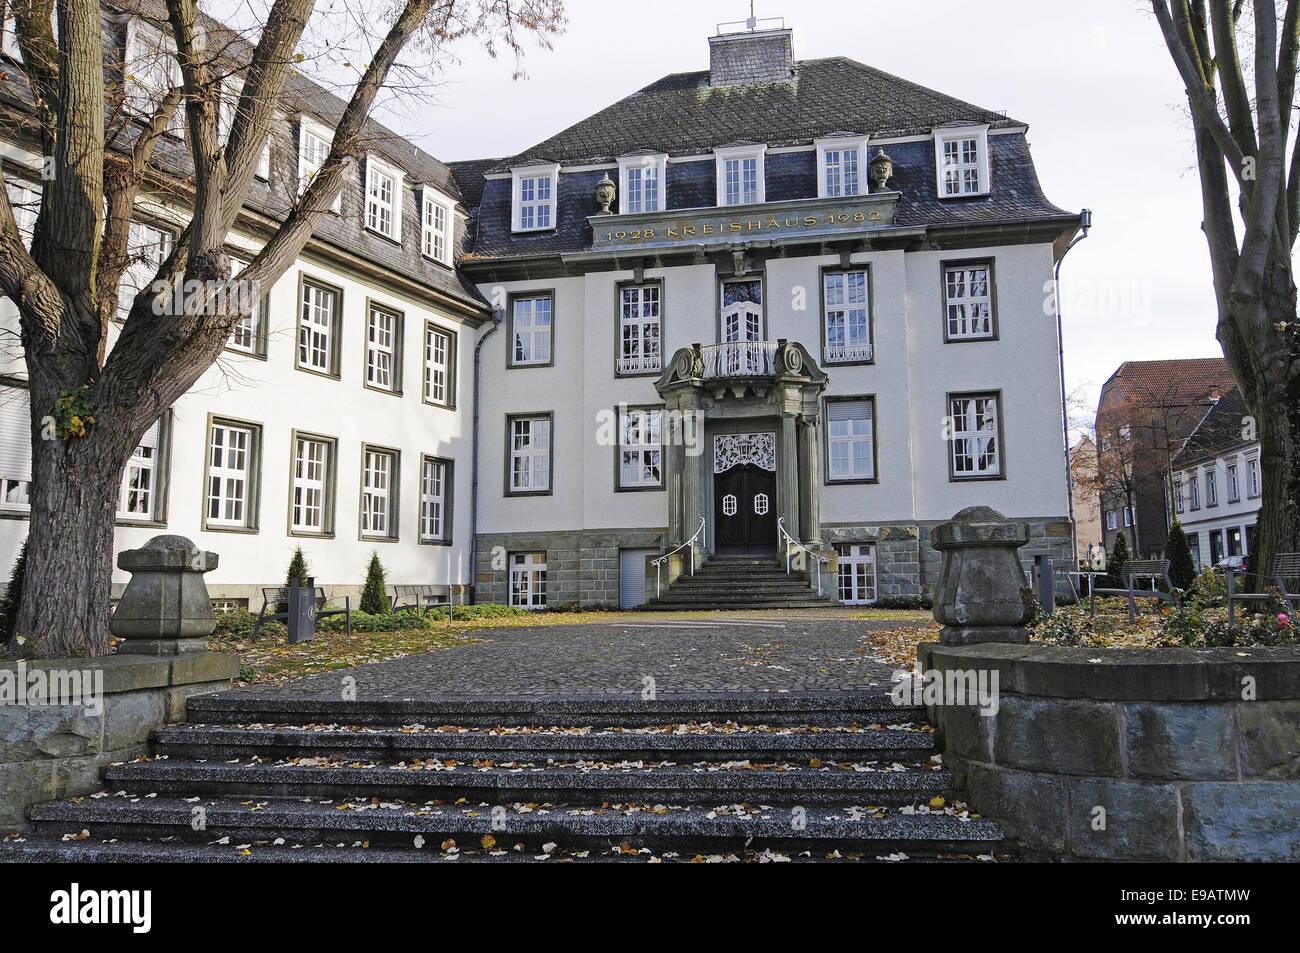 Rathaus Beckum Deutschland Stockfoto Bild Alamy